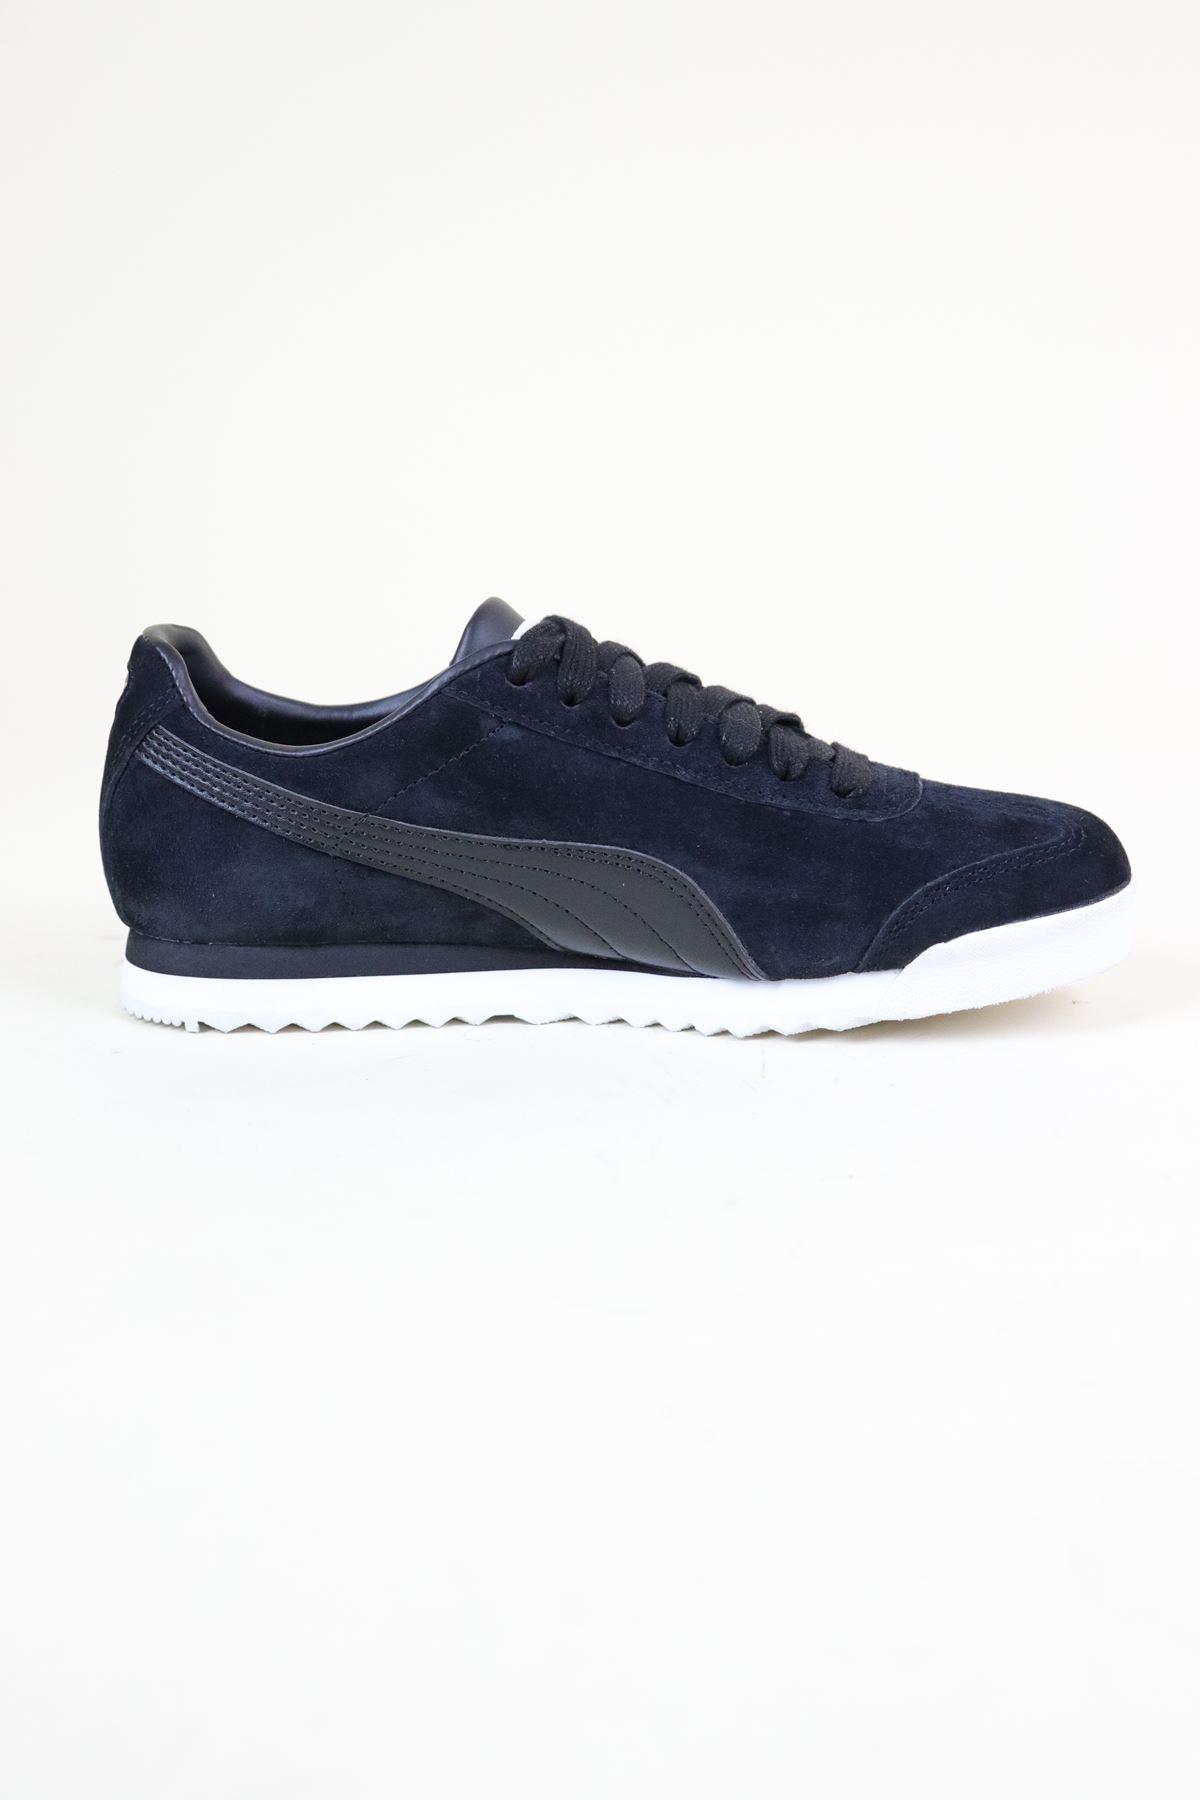 Puma 354259 Siyah Kadın Spor Ayakkabı